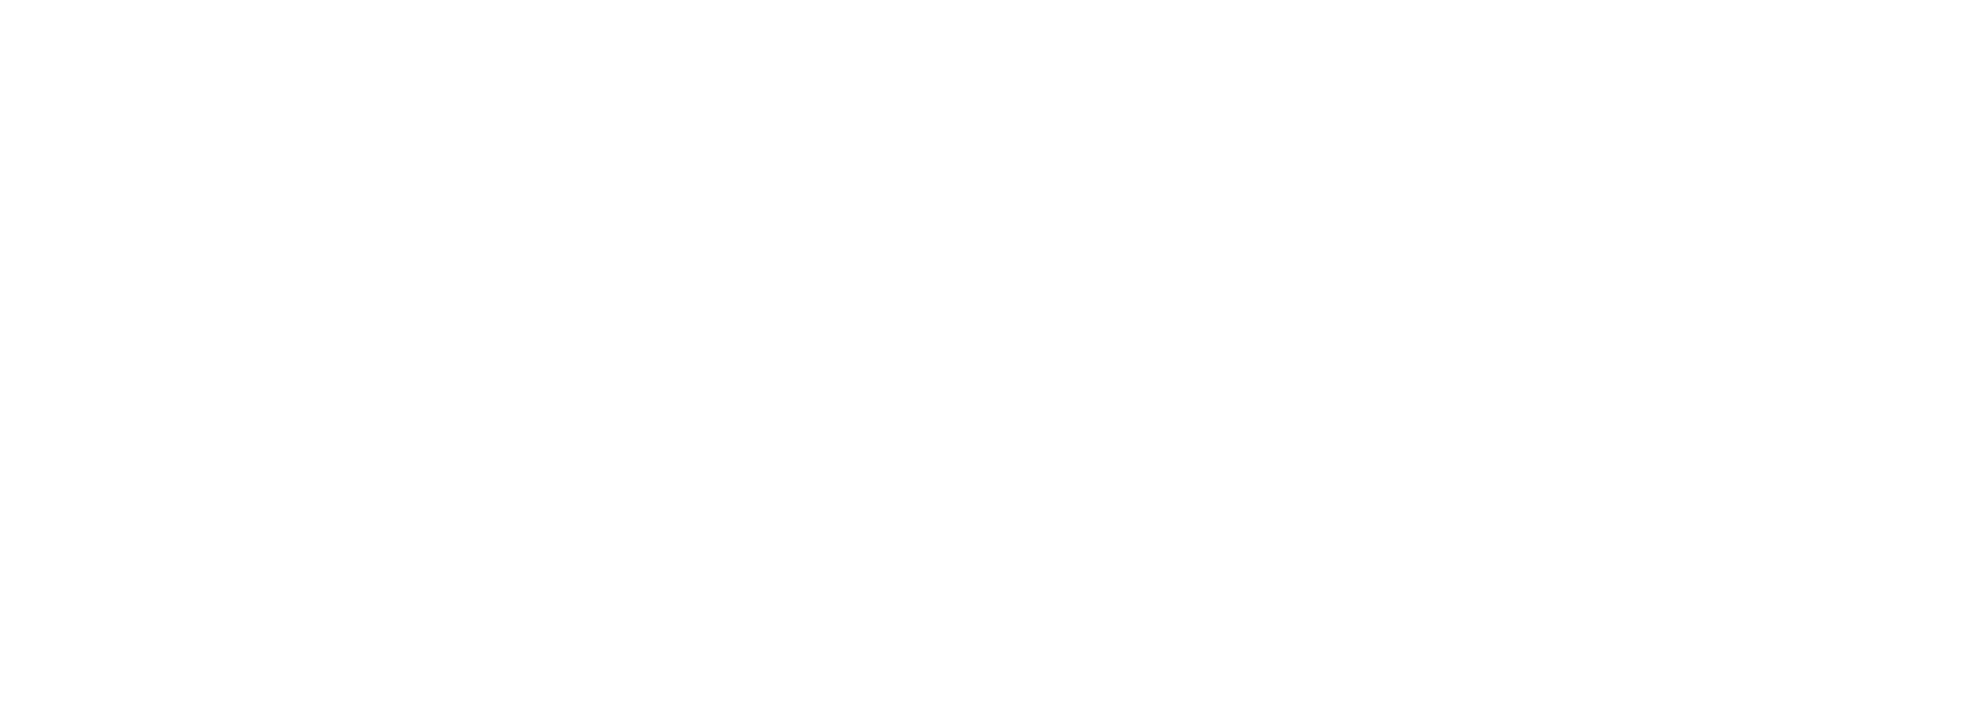 adesias-nouvelle-aquitaine-corporate-motion-design-institutionnel-biodiversite-nouvelle-aquitaine-engagement-logo